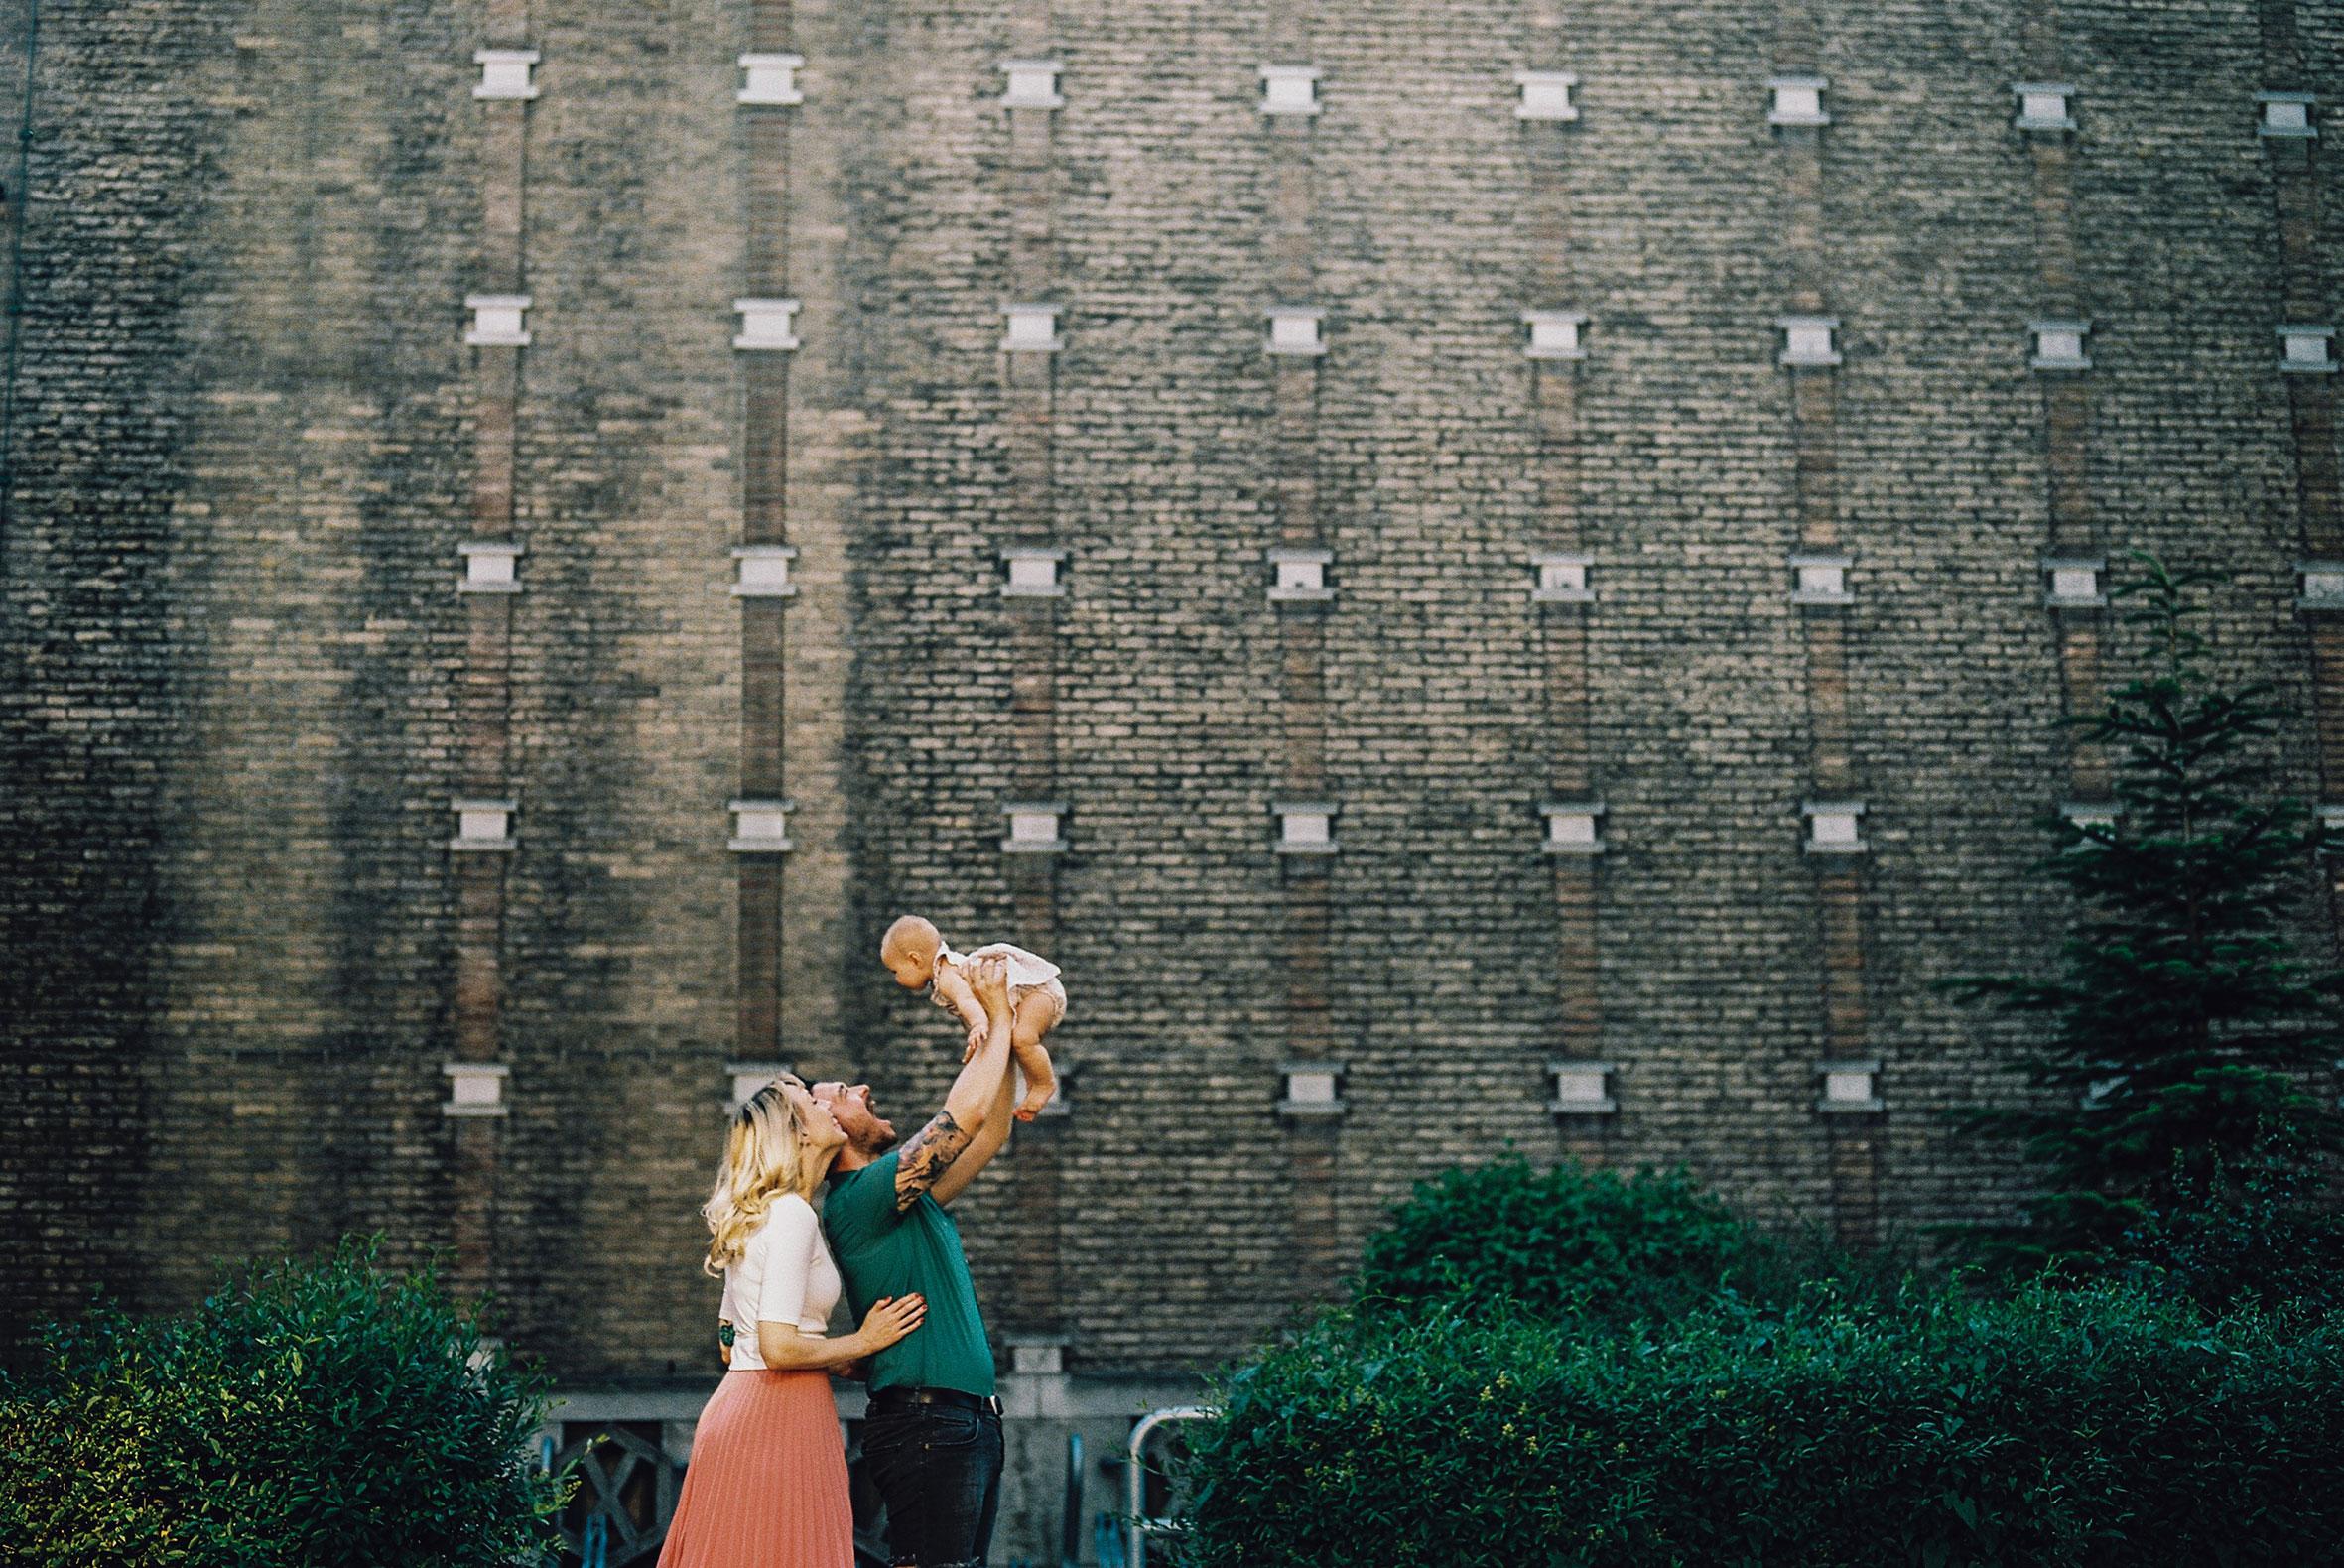 fotograaf familieshoot fotoshoot gezin